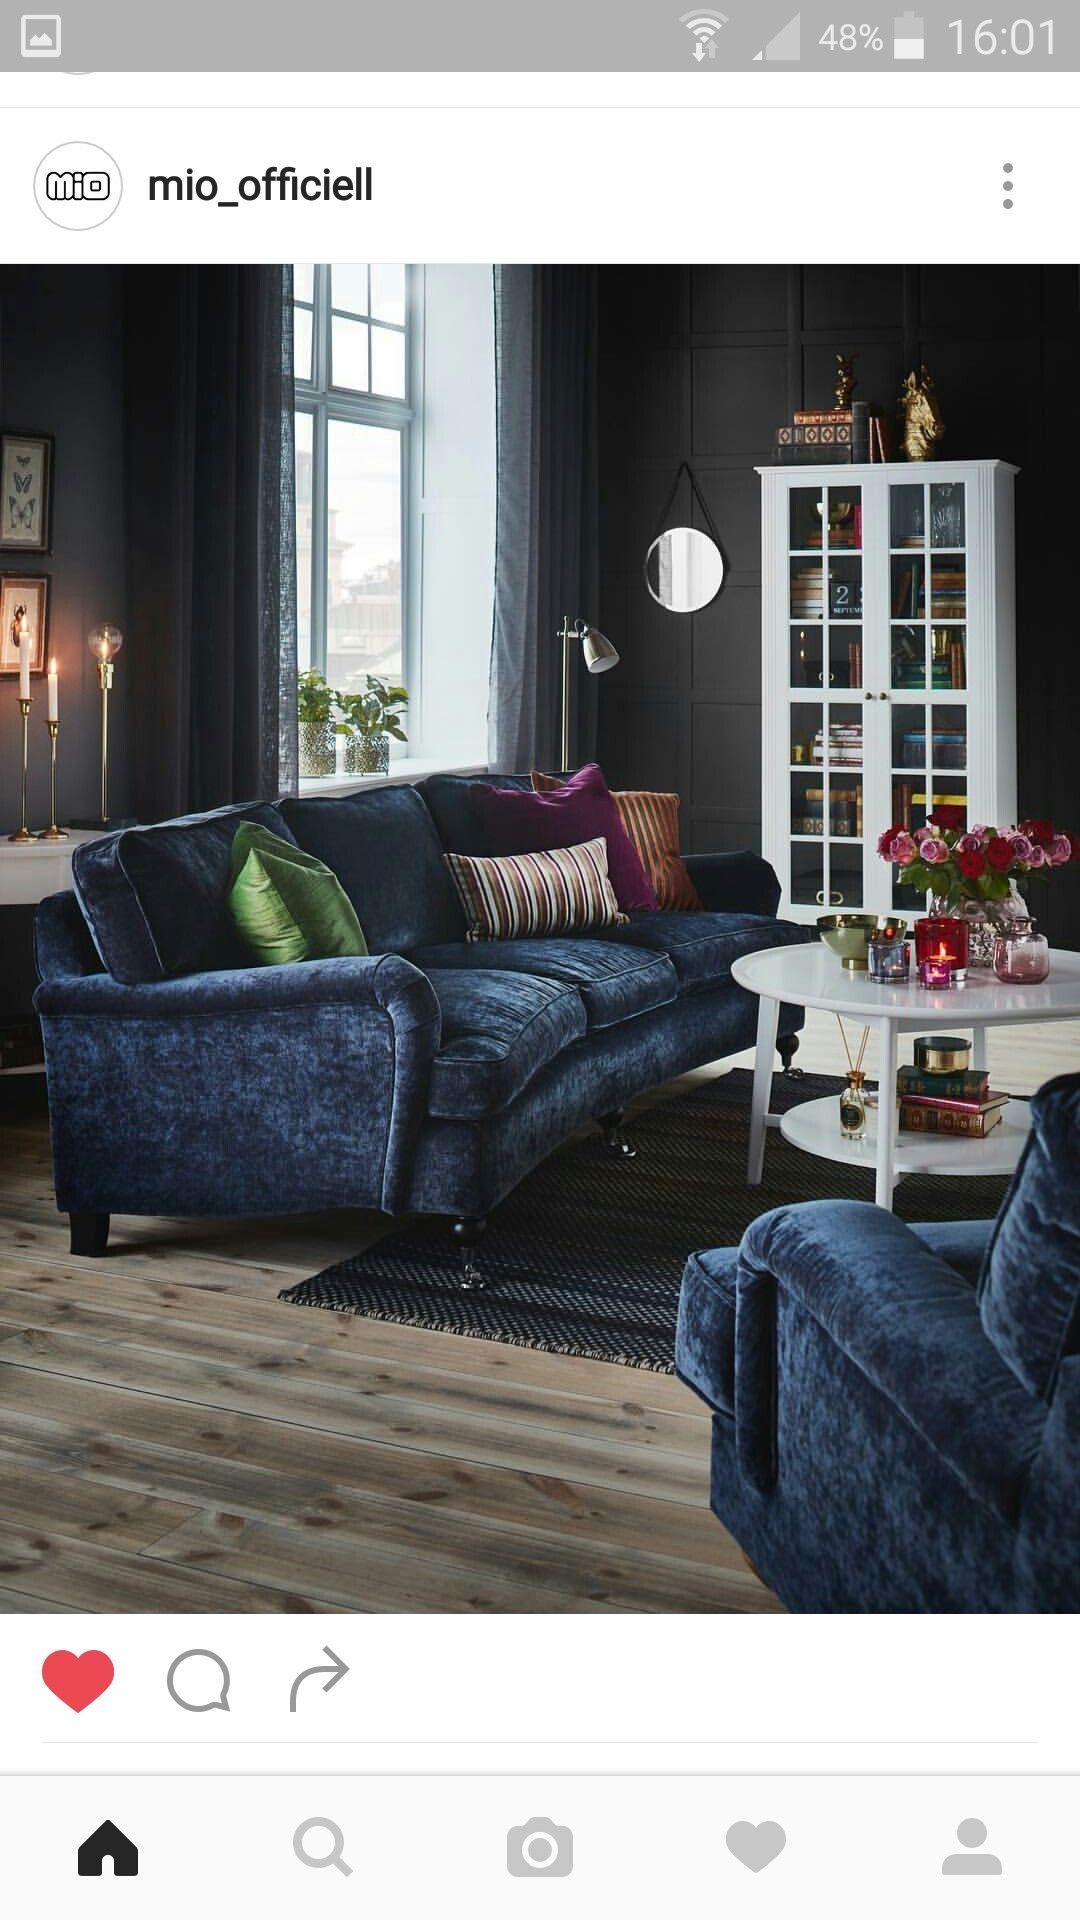 Soffa Blå Mio Vardagsrum Interior Indoor Pinterest Vardagsrum Och Blå